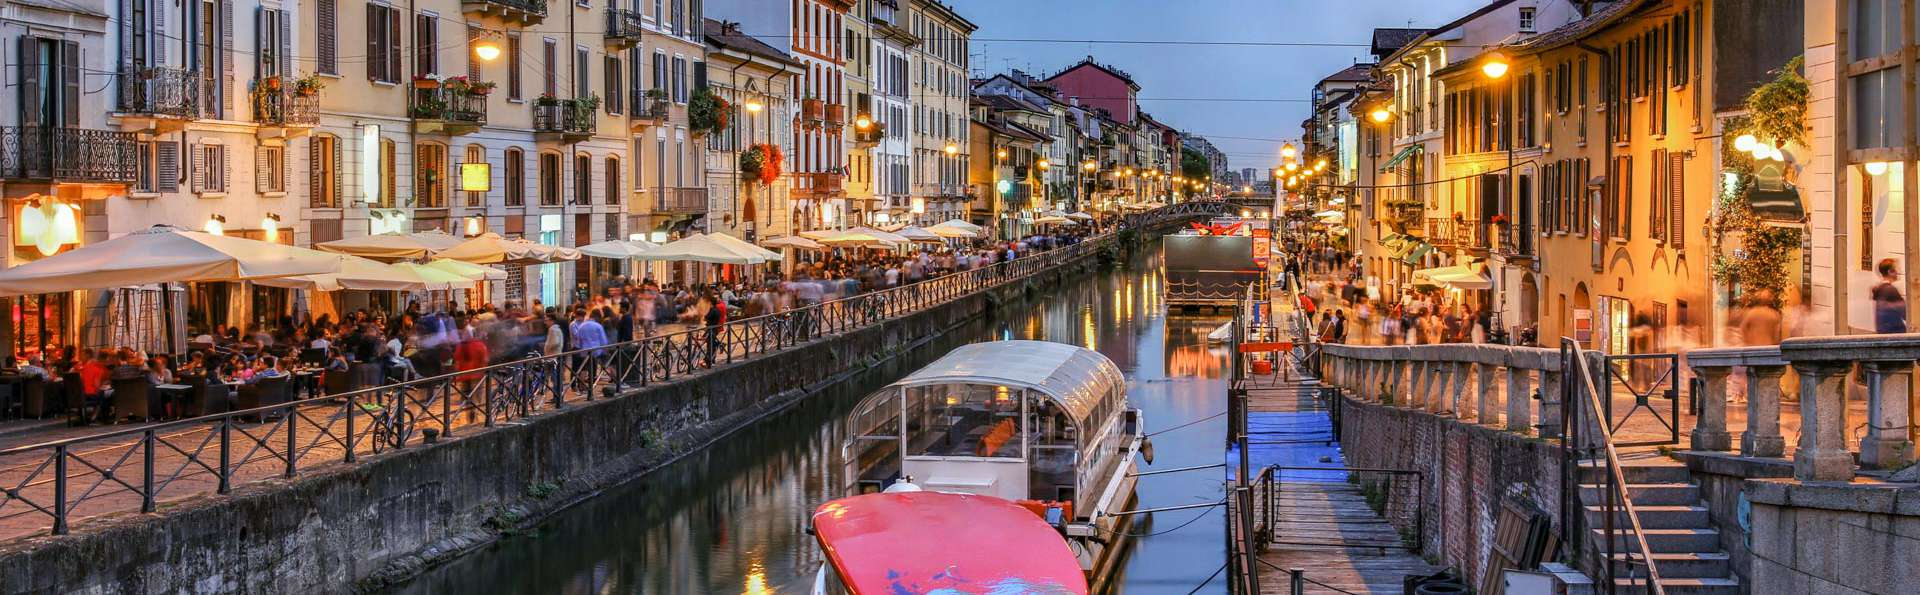 Offre pour le week-end dans un hôtel 4 étoiles situé à Milan